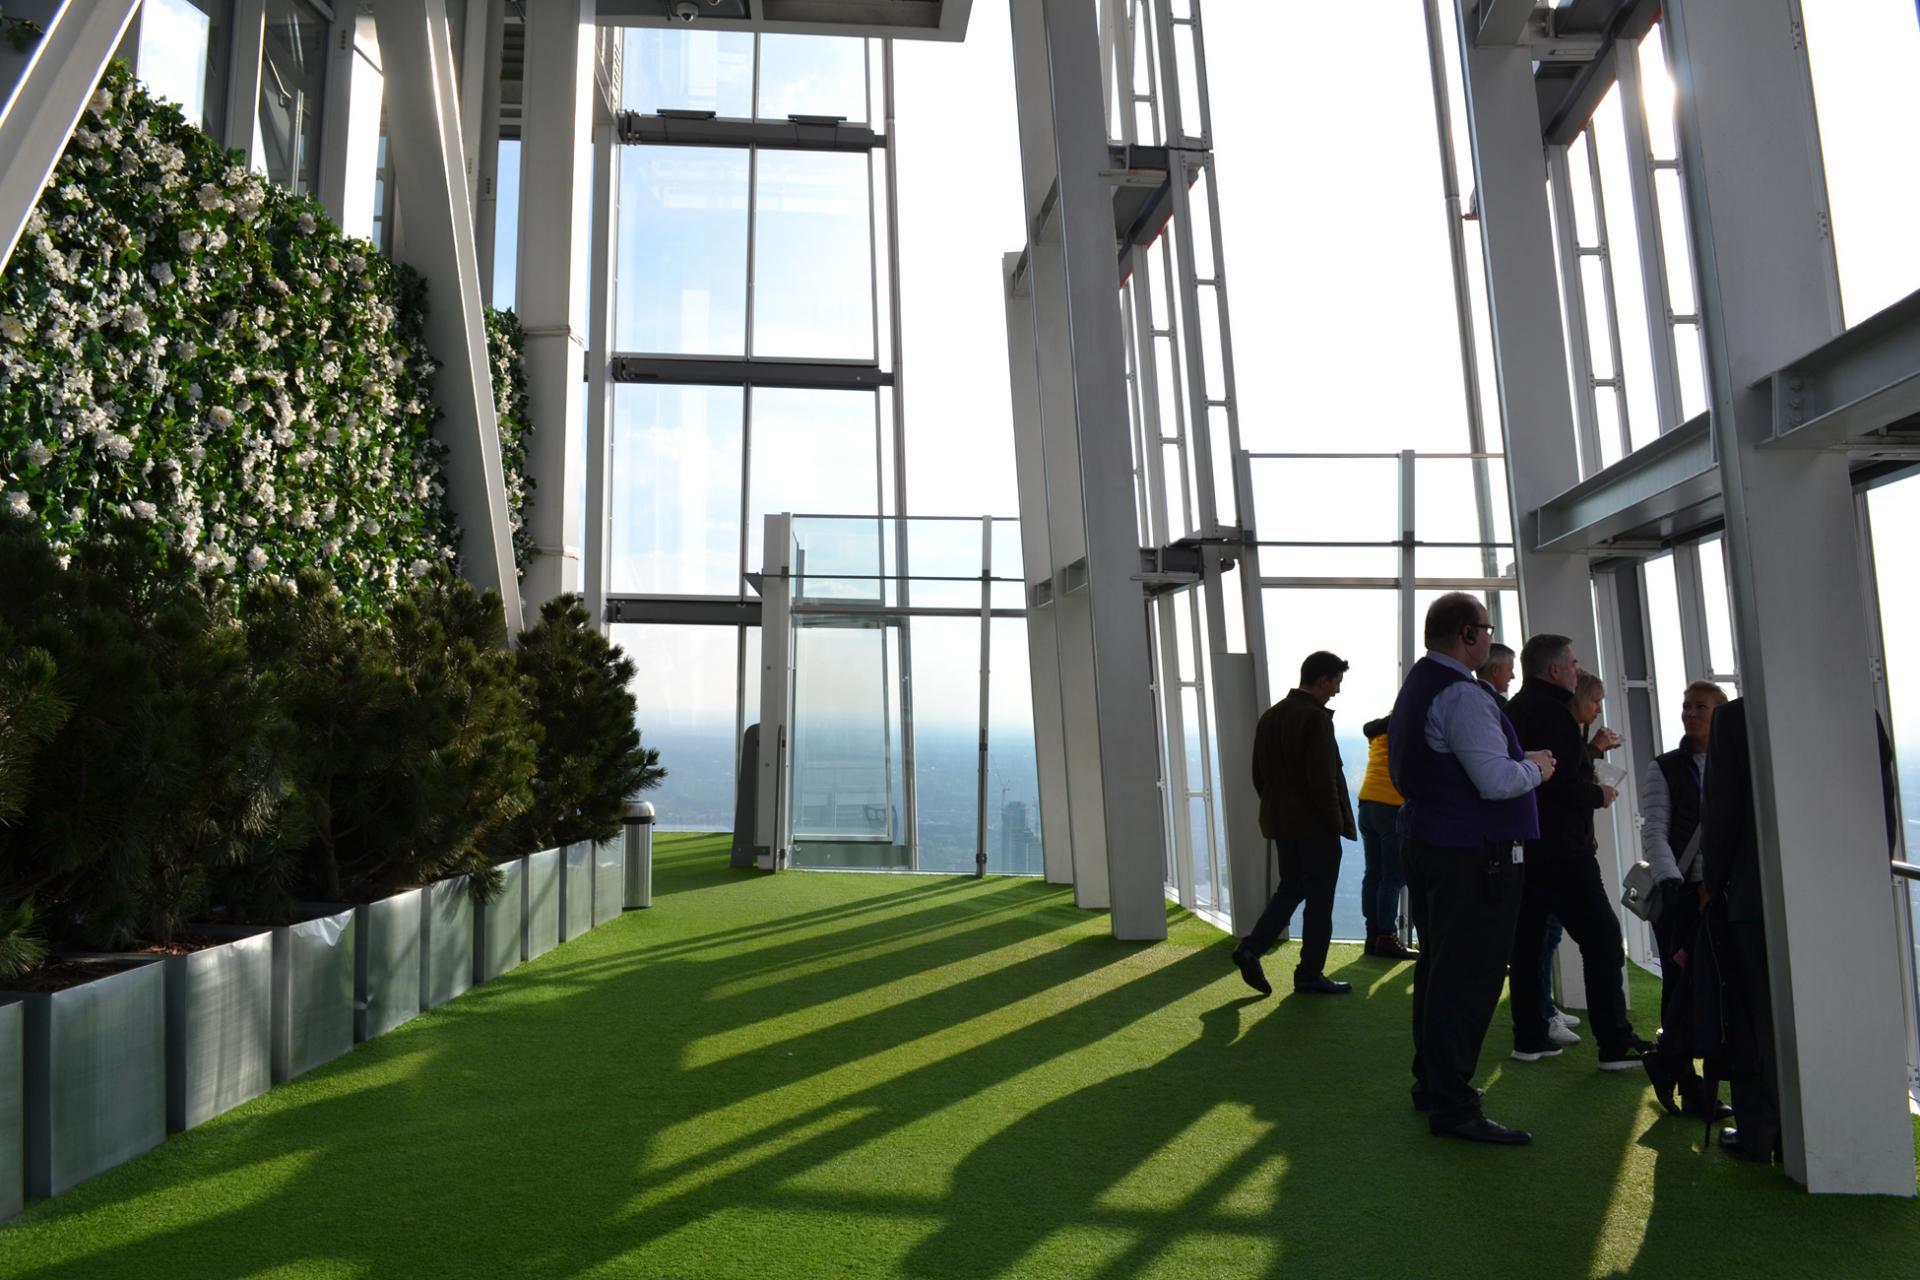 El mirador más alto de Londres: The view From the Shard